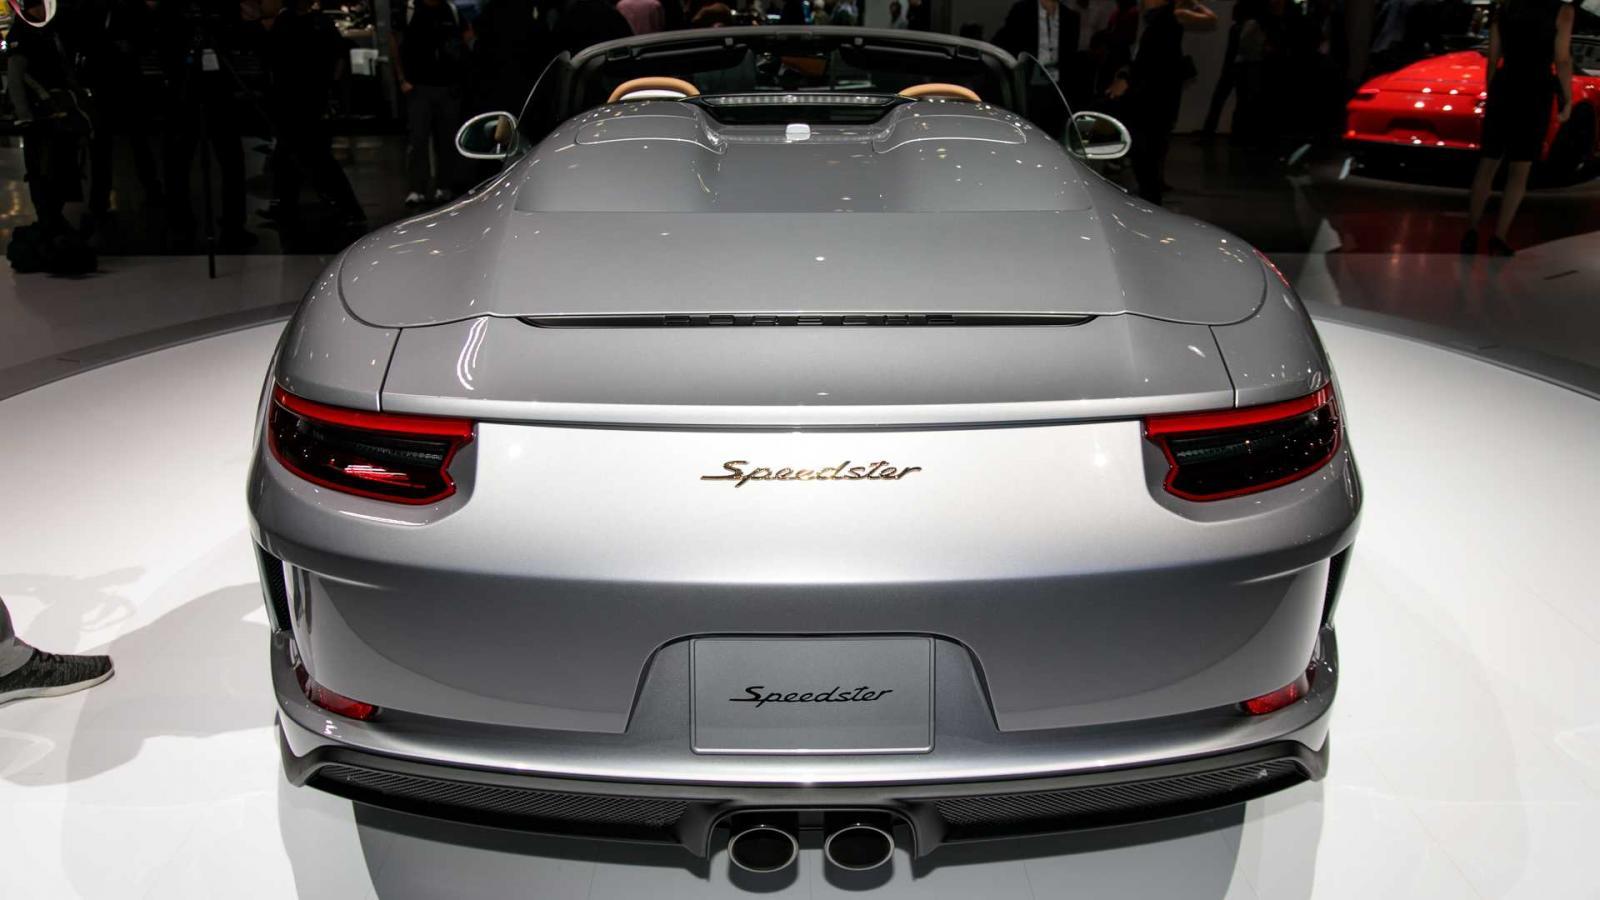 Porsche 911 Speedster 2020 được chốt giá, đắt hơn cả Lamborghini Urus và Huracan - Hình 4